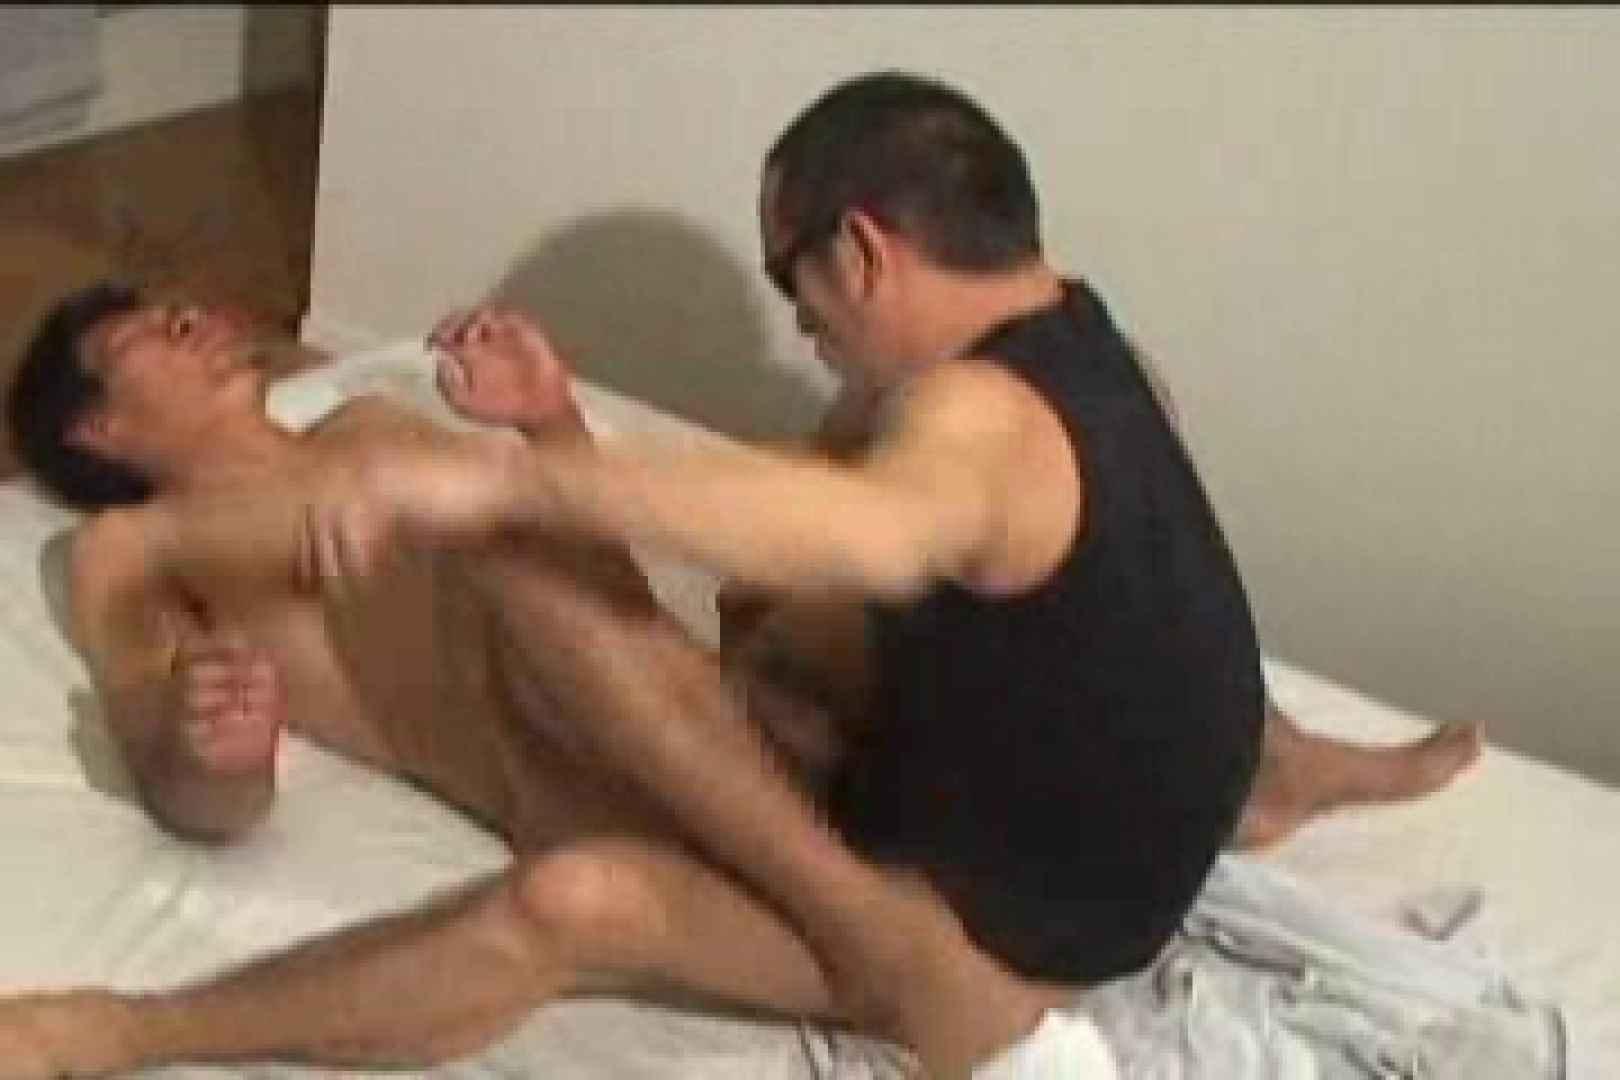 スポMENファック!!反り勃つ男根!!vol.10 スポーツマン ゲイ精子画像 79画像 78